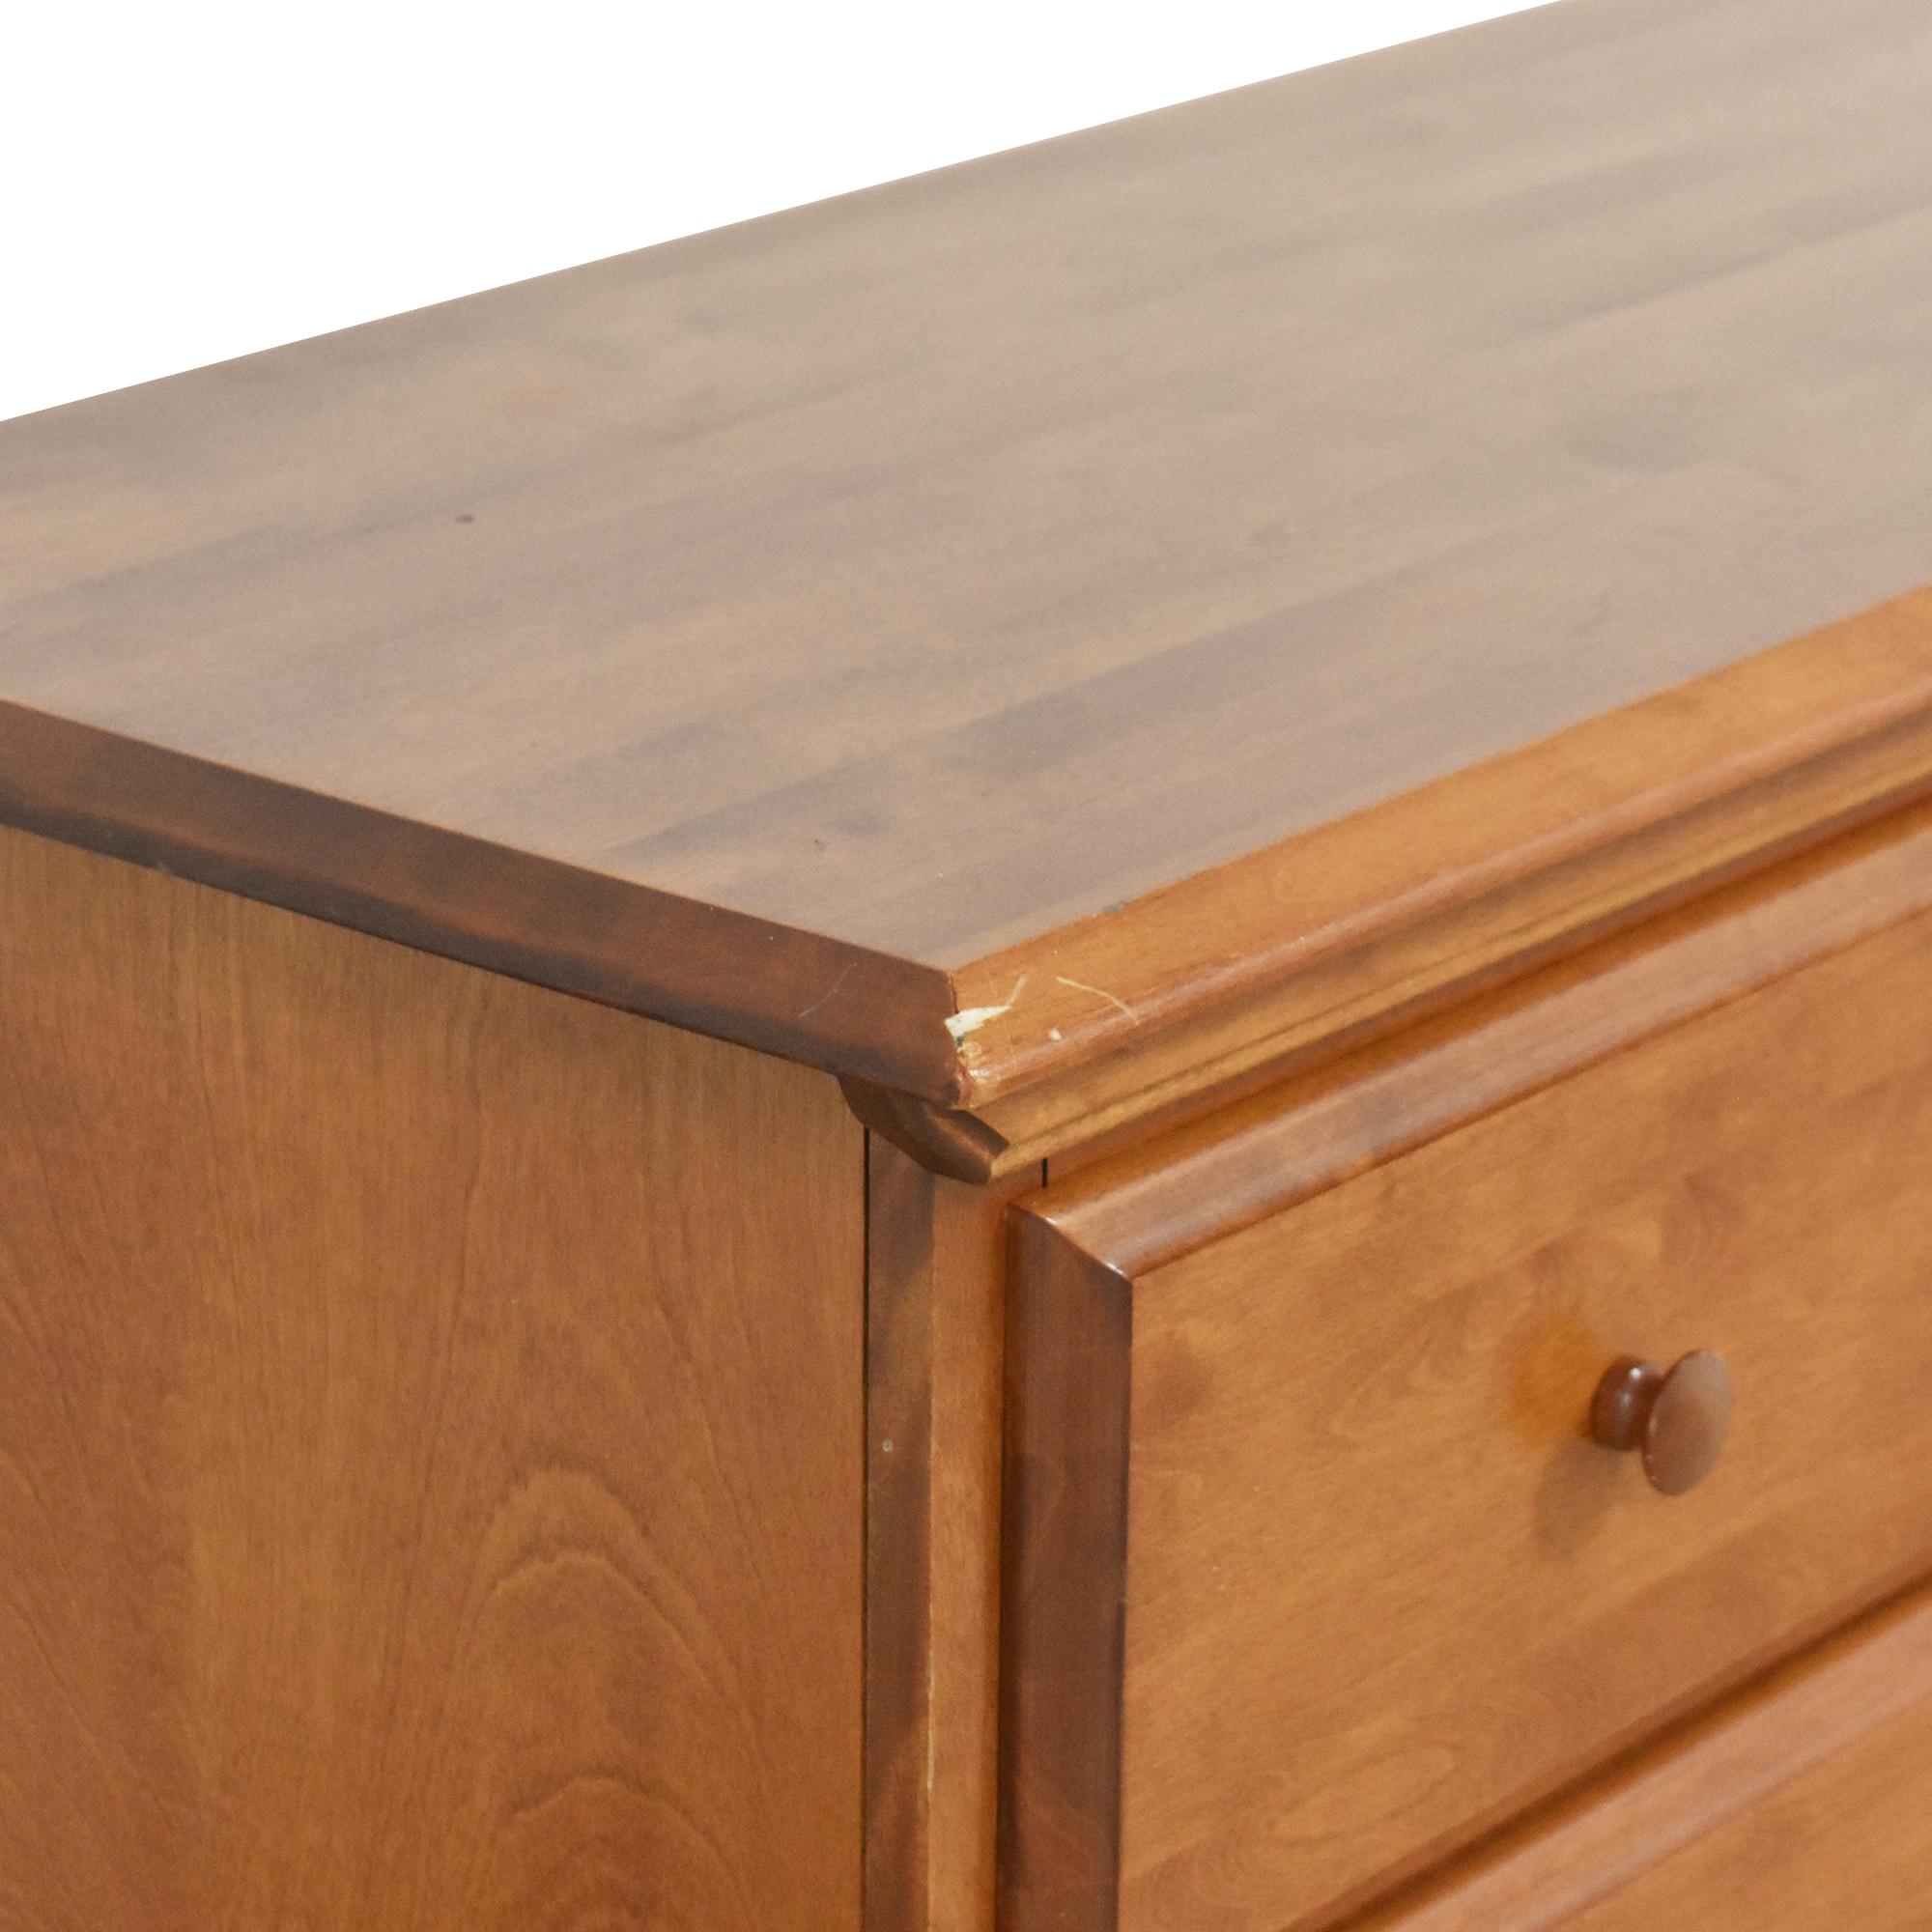 Bellini Bellini Door Dresser for sale